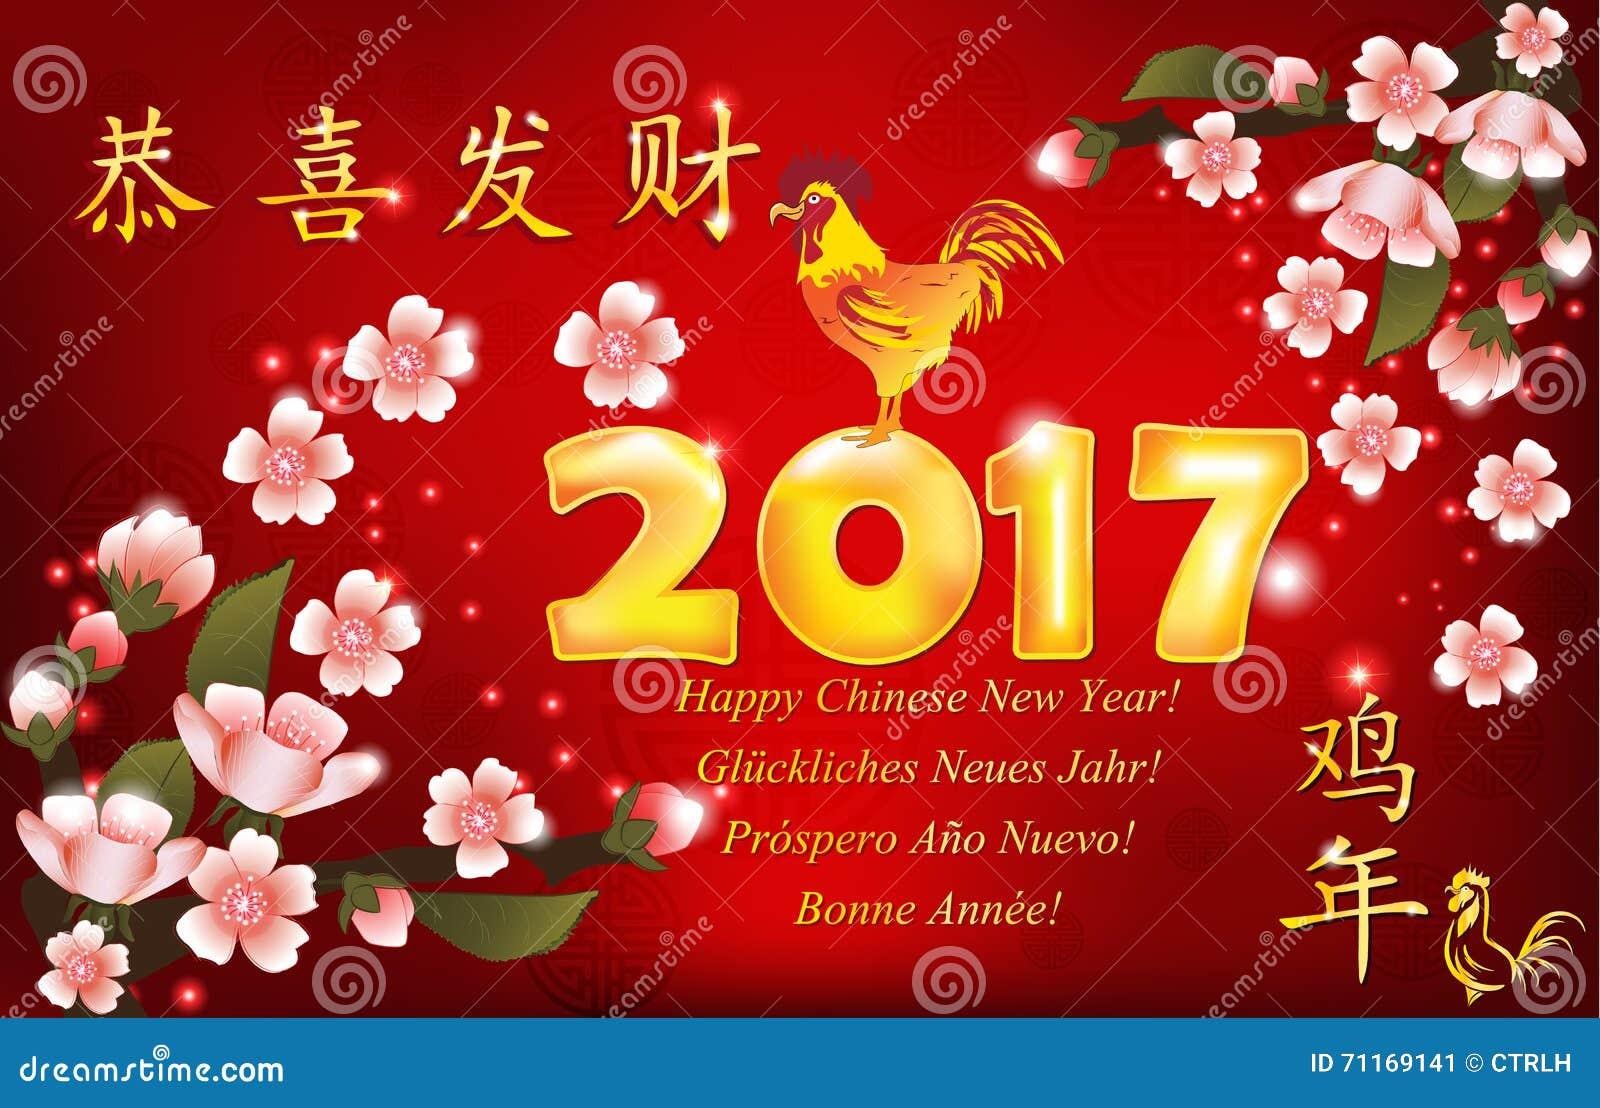 Carte de voeux 2017 chinoise de nouvelle ann e d 39 affaires illustration de vecteur image 71169141 - Texte carte de voeux 2017 ...